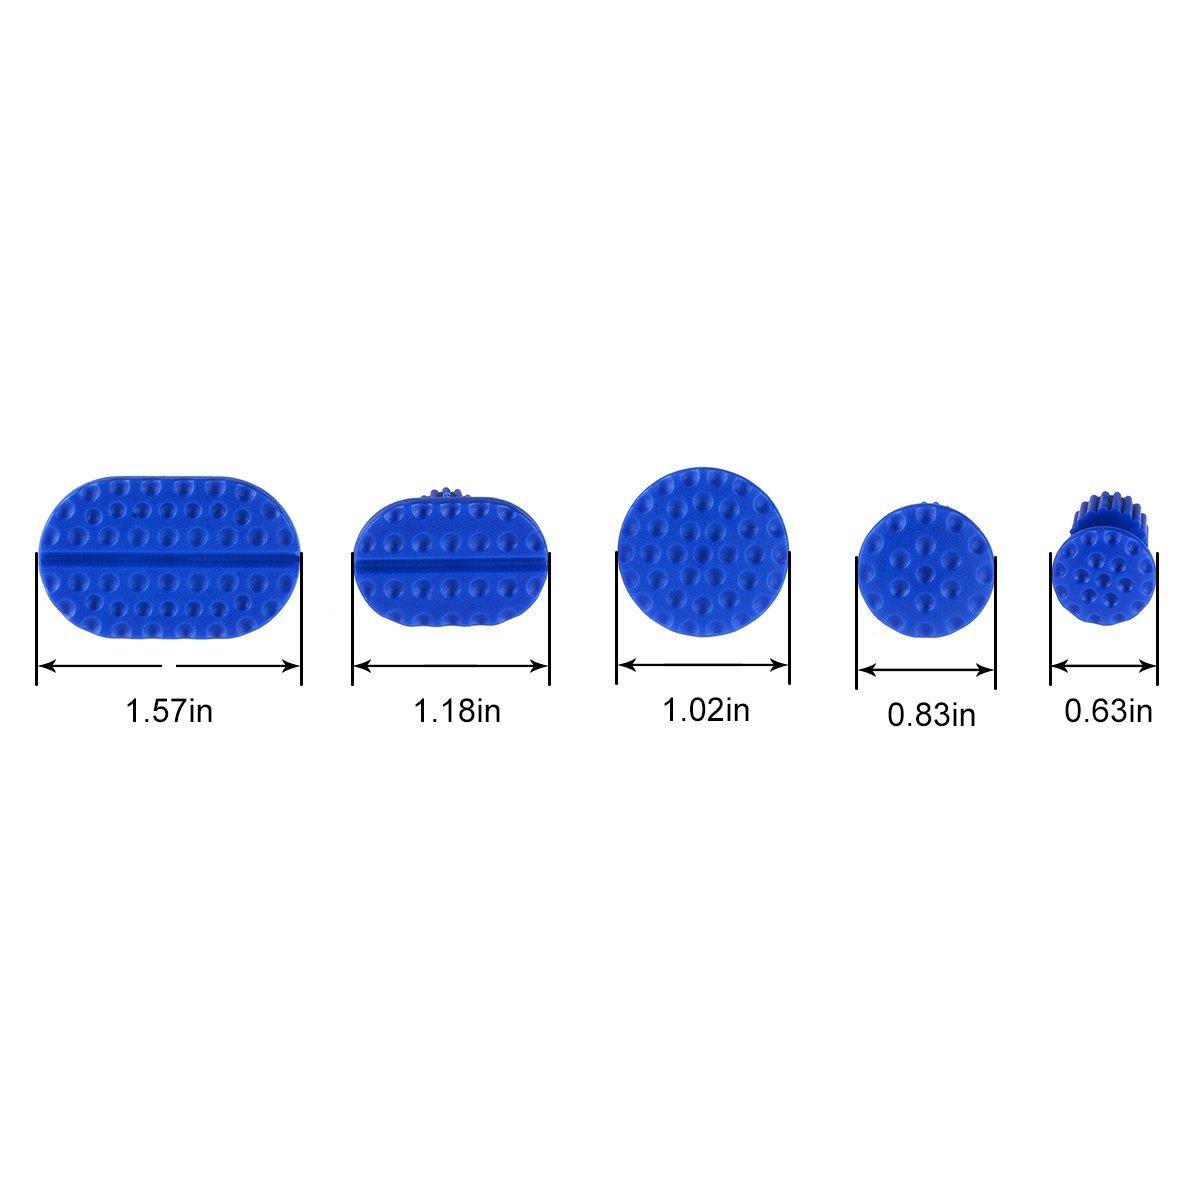 PDR Paintless D/ébosselage R/éparation Super PDR 18 Pi/èce Outil de R/éparation Suppression Kits Marteau coulissant Kit Debosselage Outillage Carrosserie Voiture Automobile Rayure Suppression Dent Reparation Auto